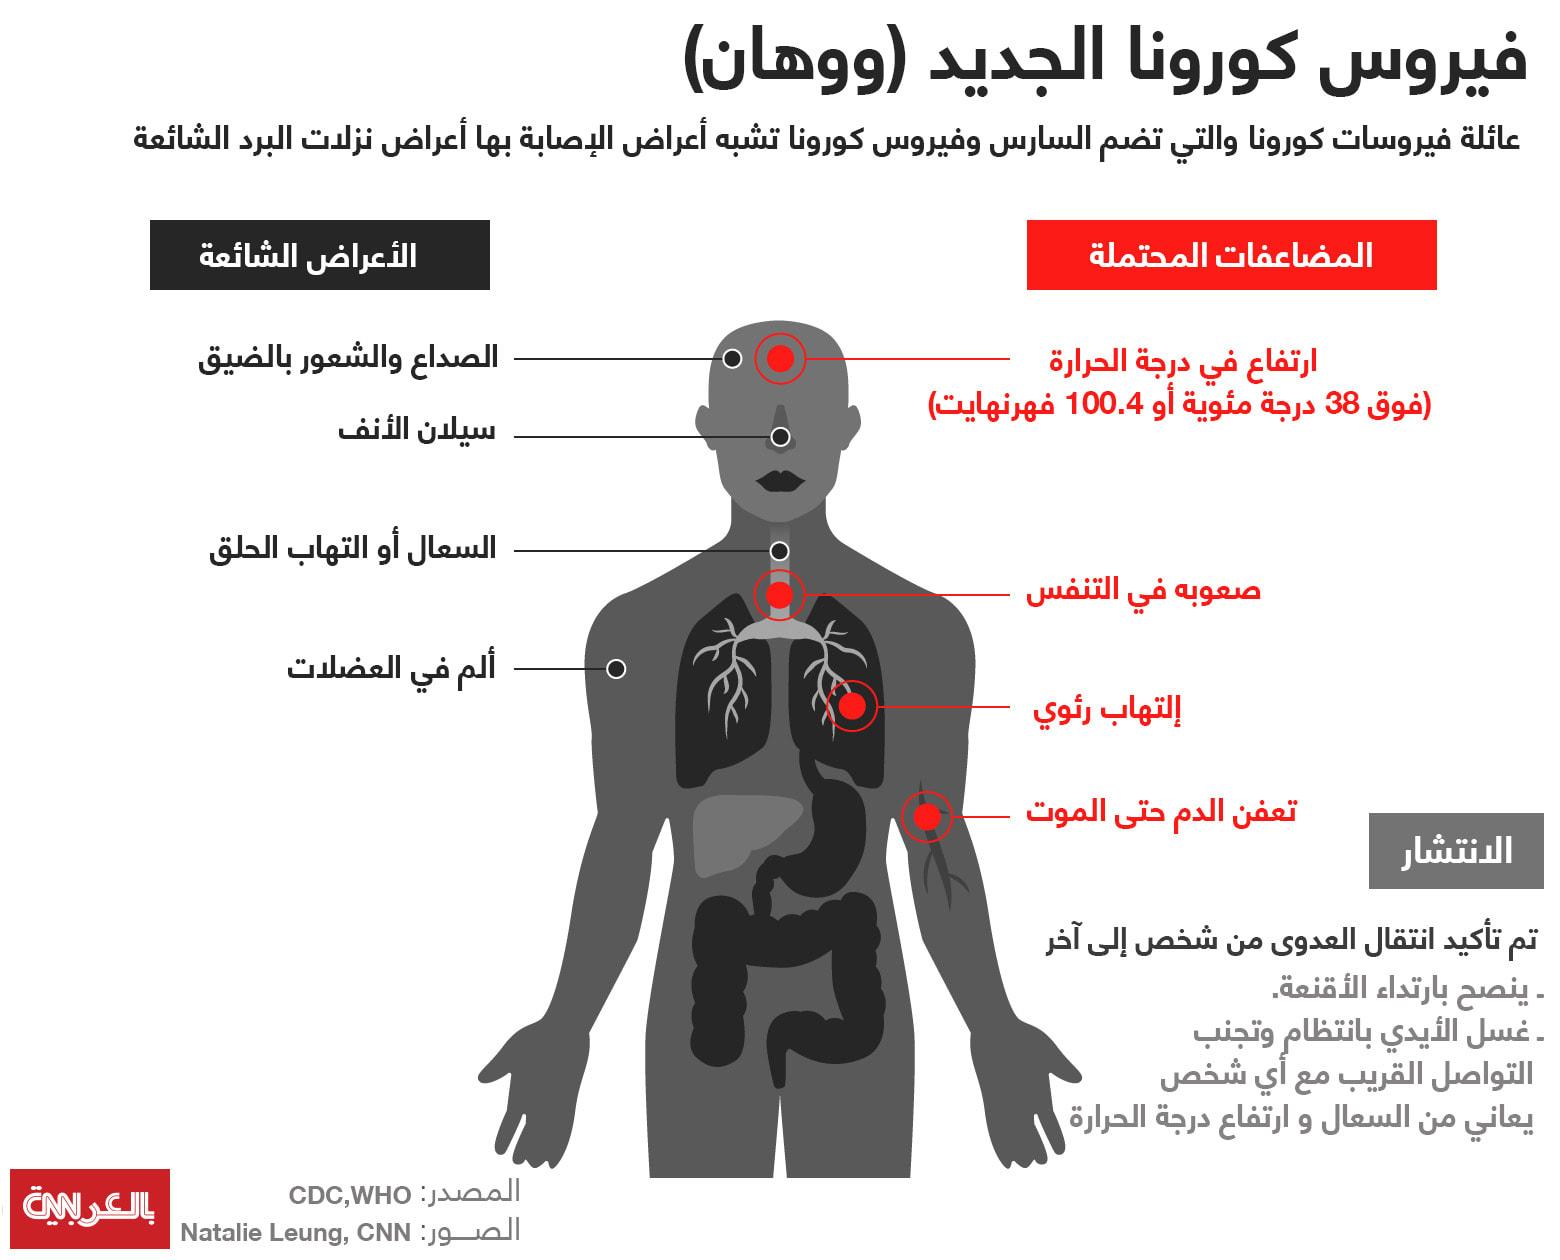 (أعراض الإصابة بفيروس كورونا الجديد (ووهان